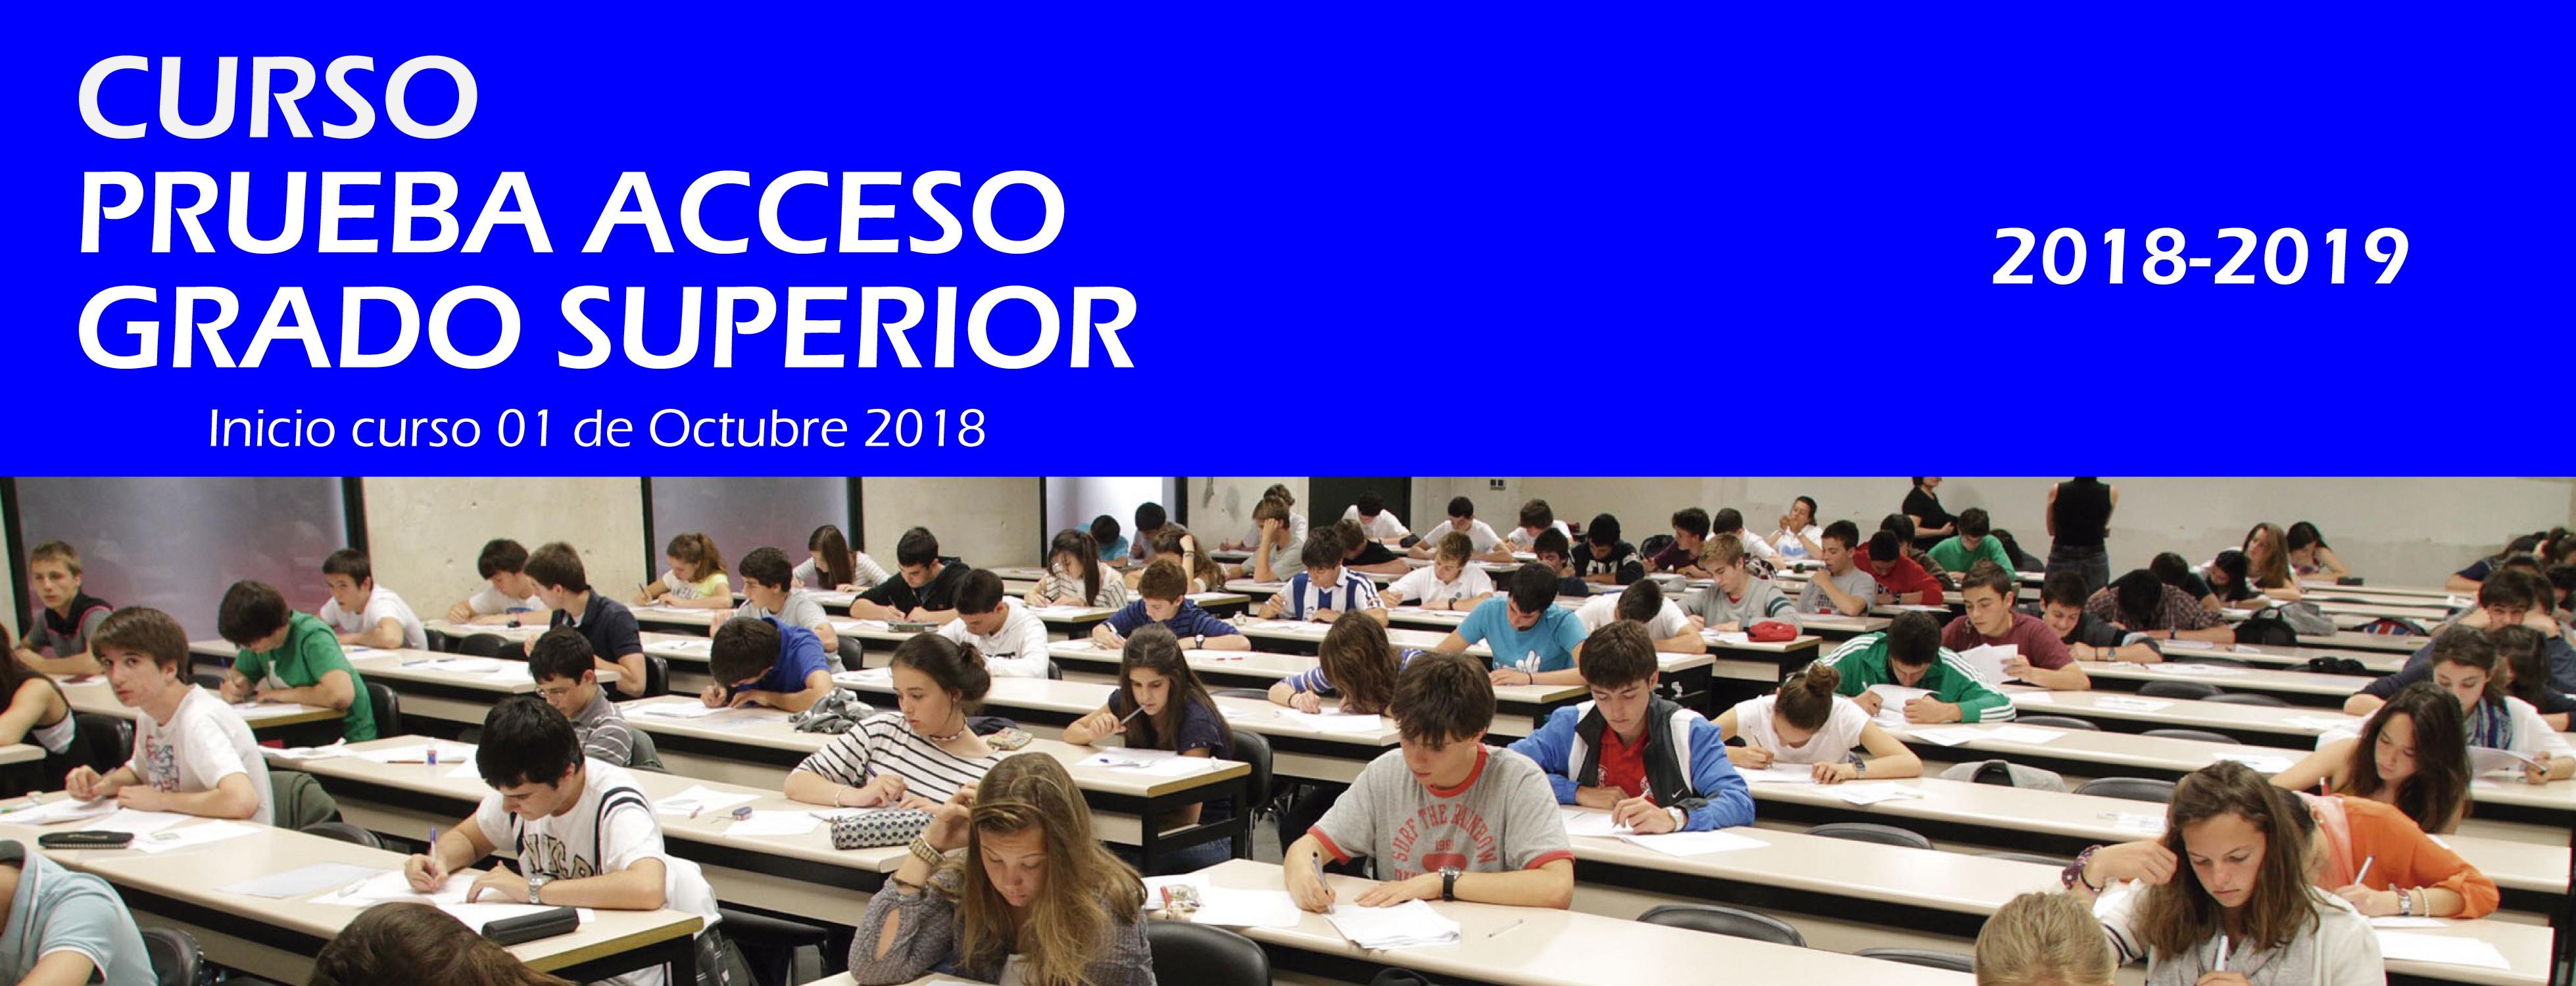 Prueba Acceso Grado Superior Valencia